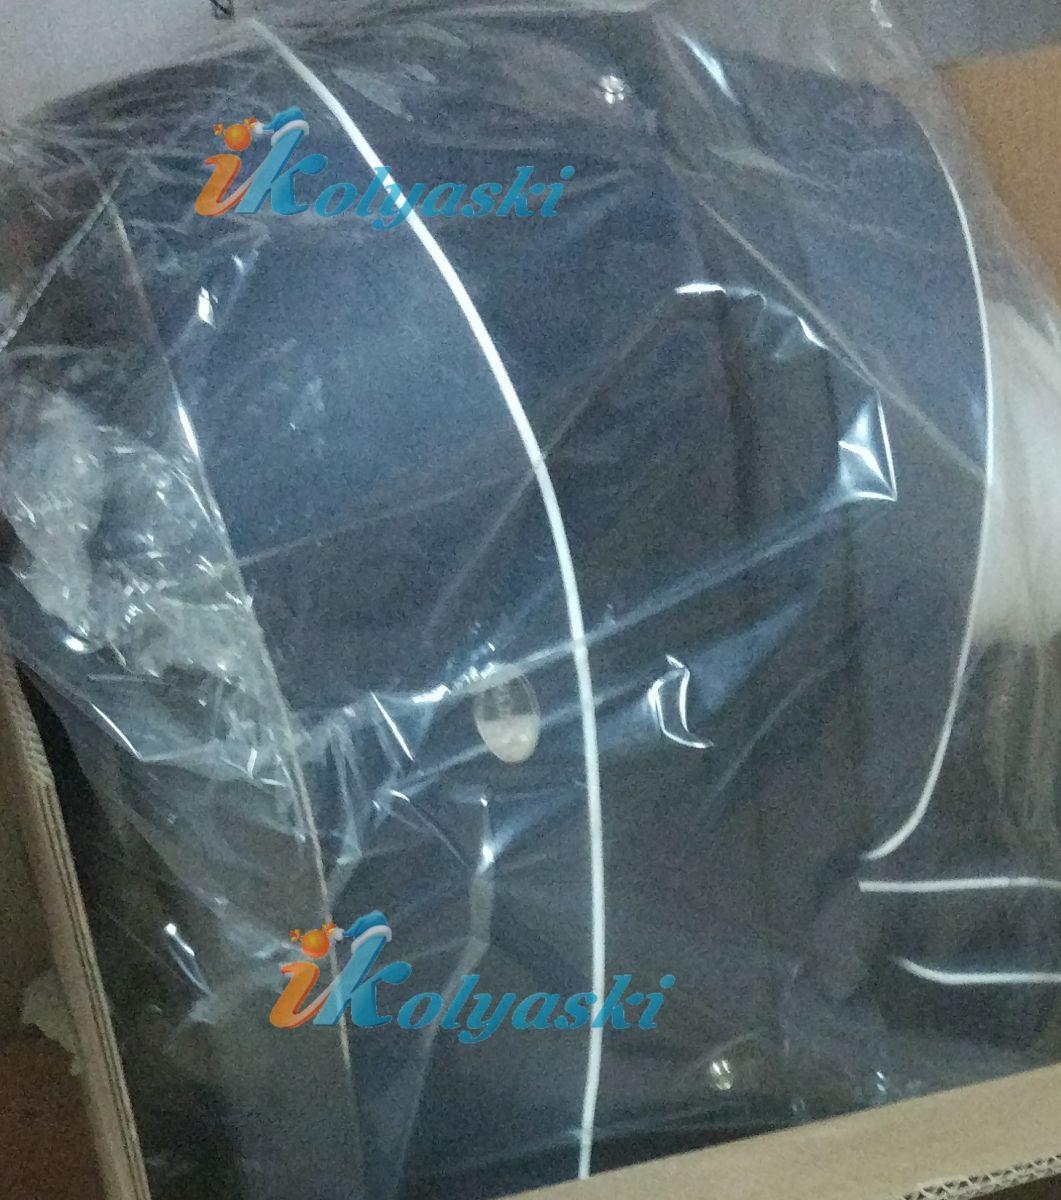 Roan Emma 199-SK темно-синяя экокожа и темно-синяя ткань